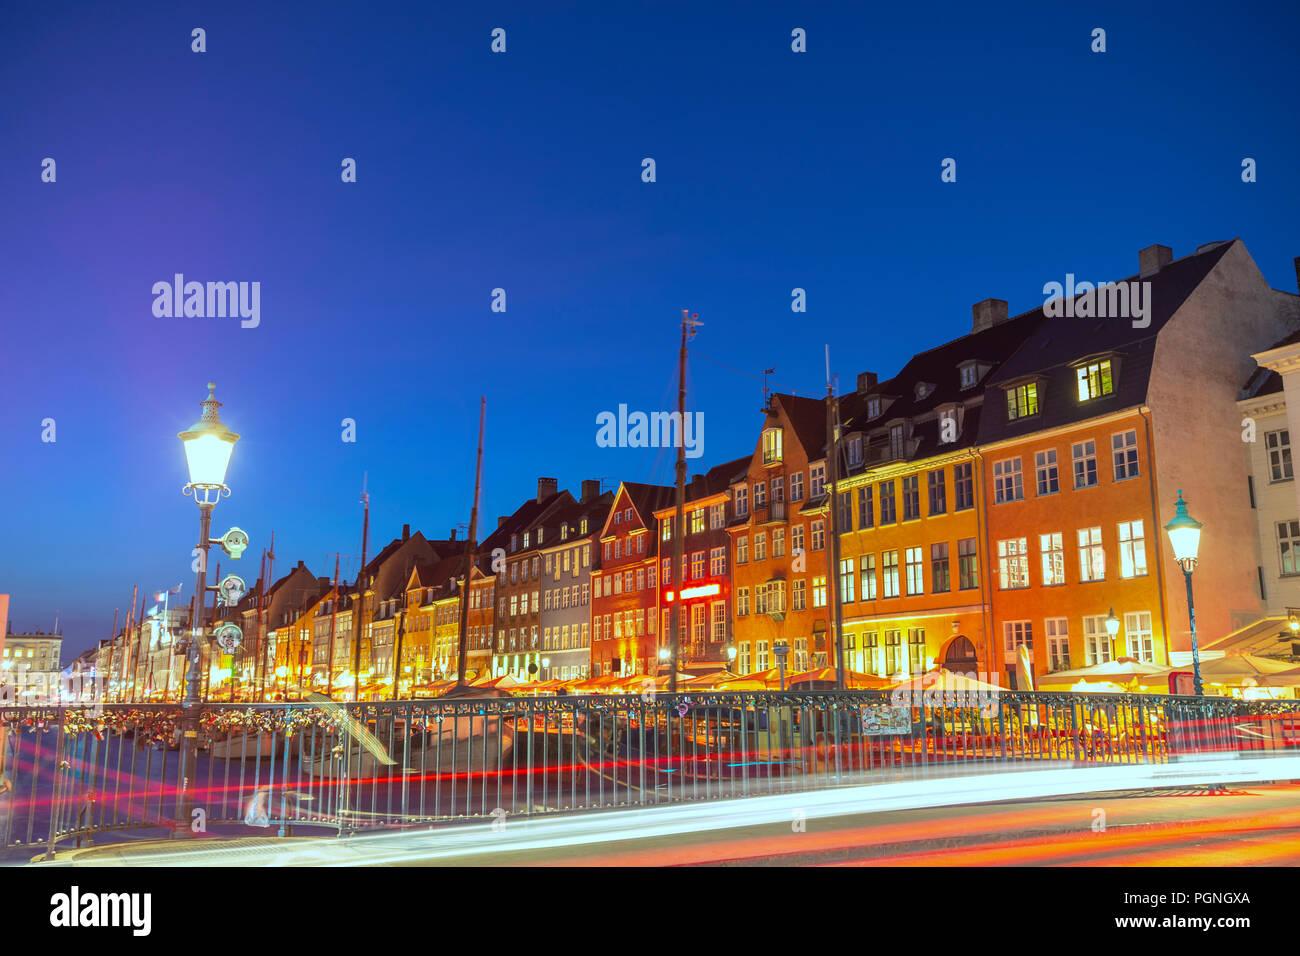 Nuit sur la ville de Copenhague au Danemark Copenhague, le port de Nyhavn Photo Stock